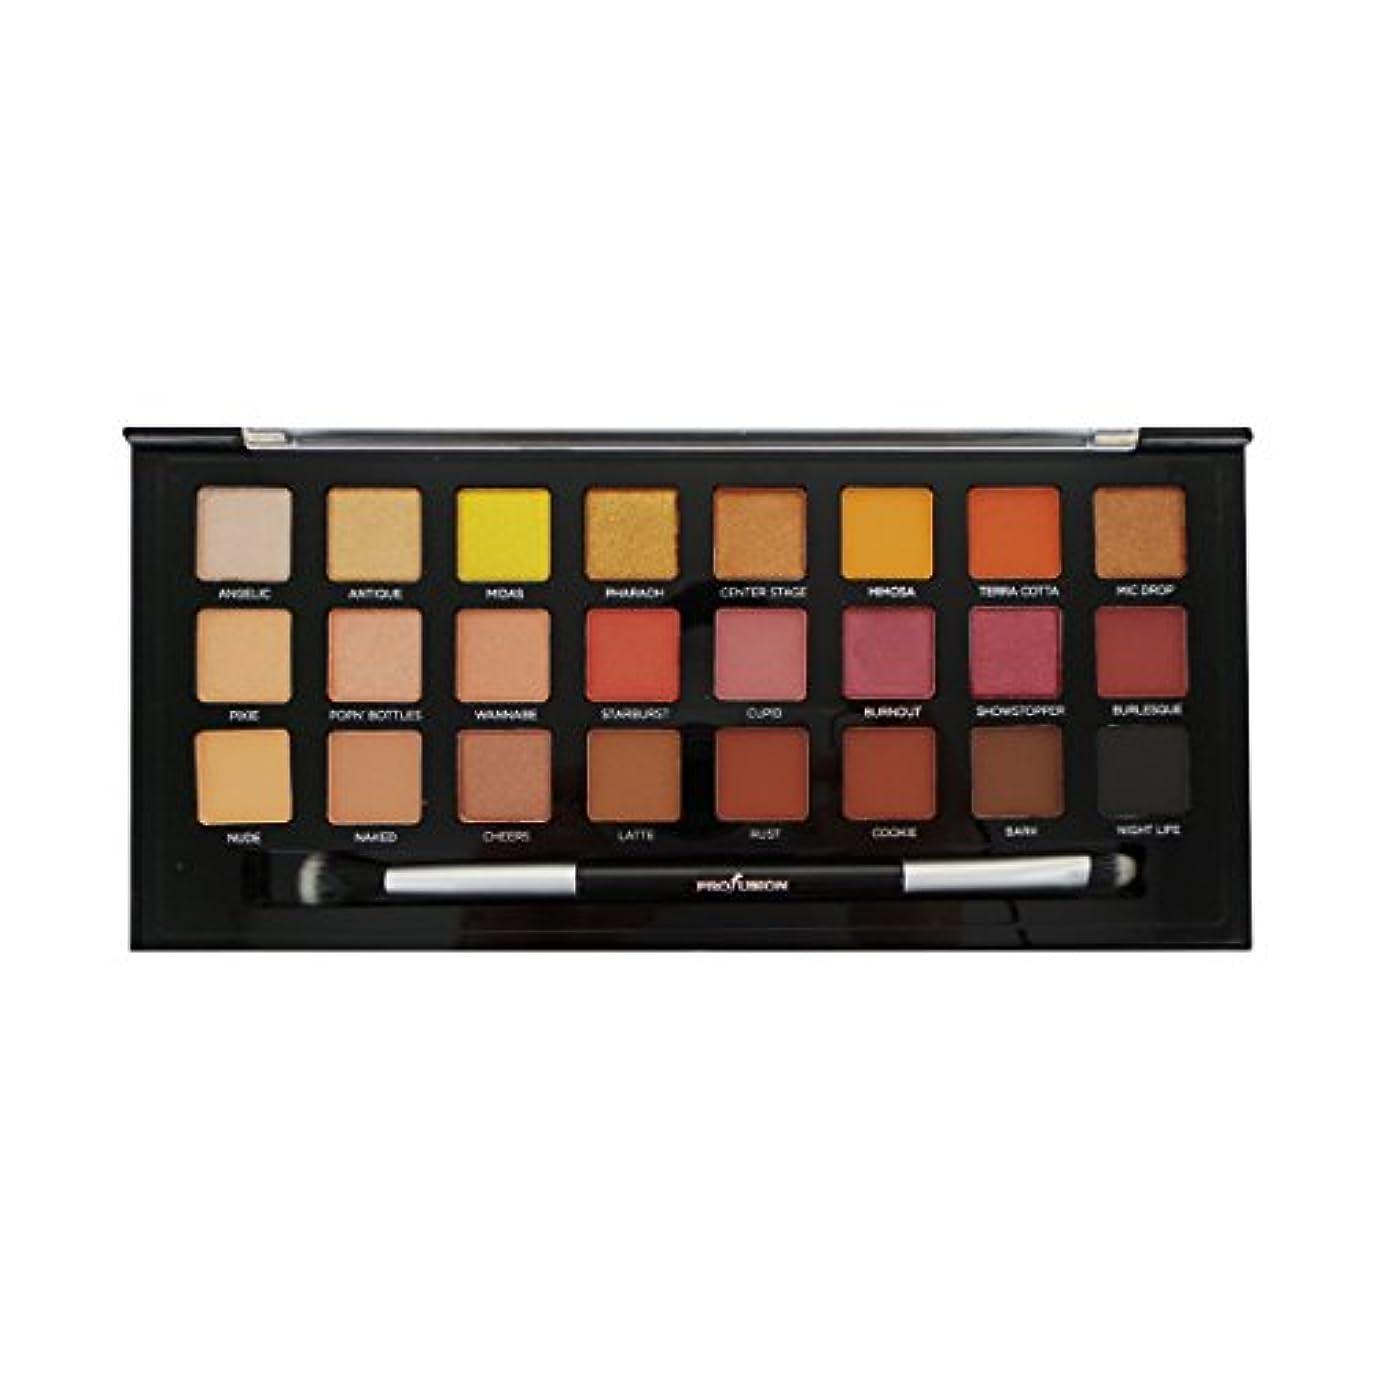 細断くちばし放射能PROFUSION Glitter & Glam 24 Eyeshadow Palette (並行輸入品)